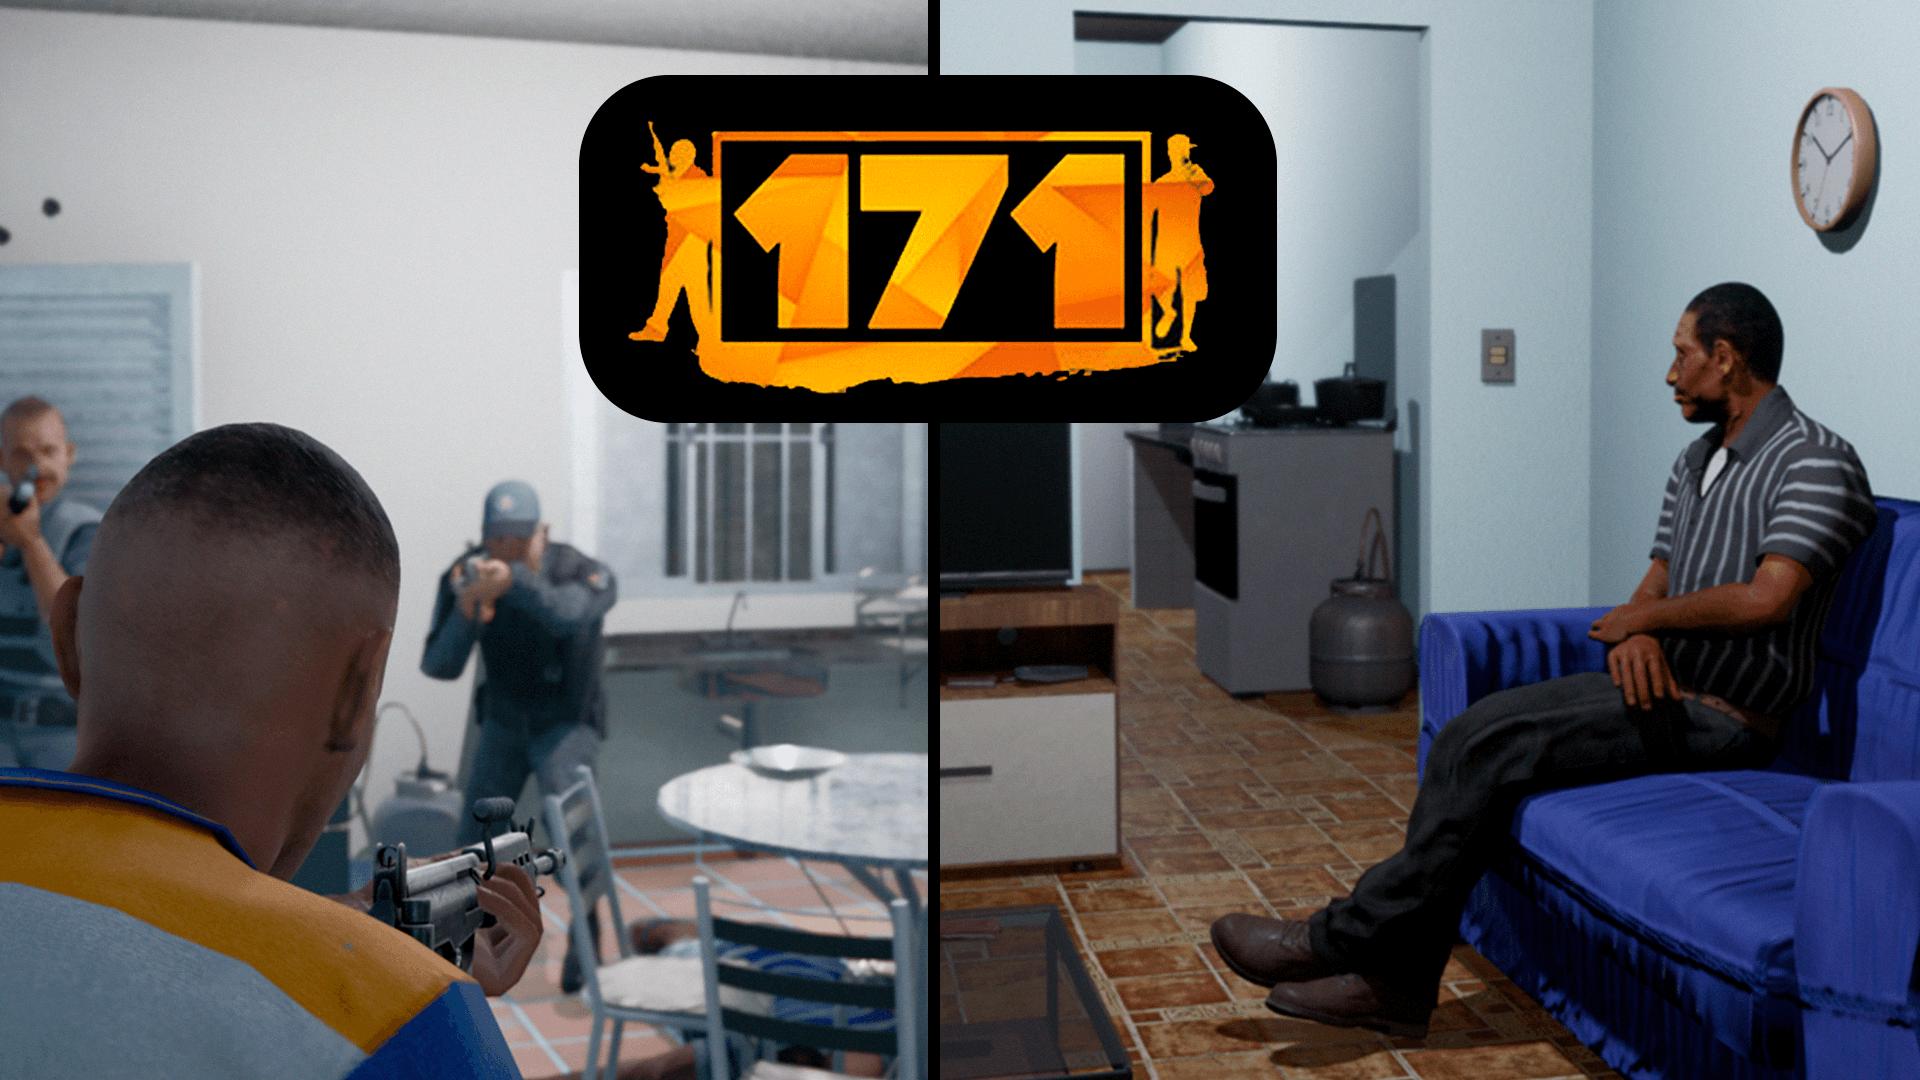 171 é um dos jogos brasileiros mais esperados e agora a produtora brasileira Betagames Group divulgou mais alguns aspetos do game.